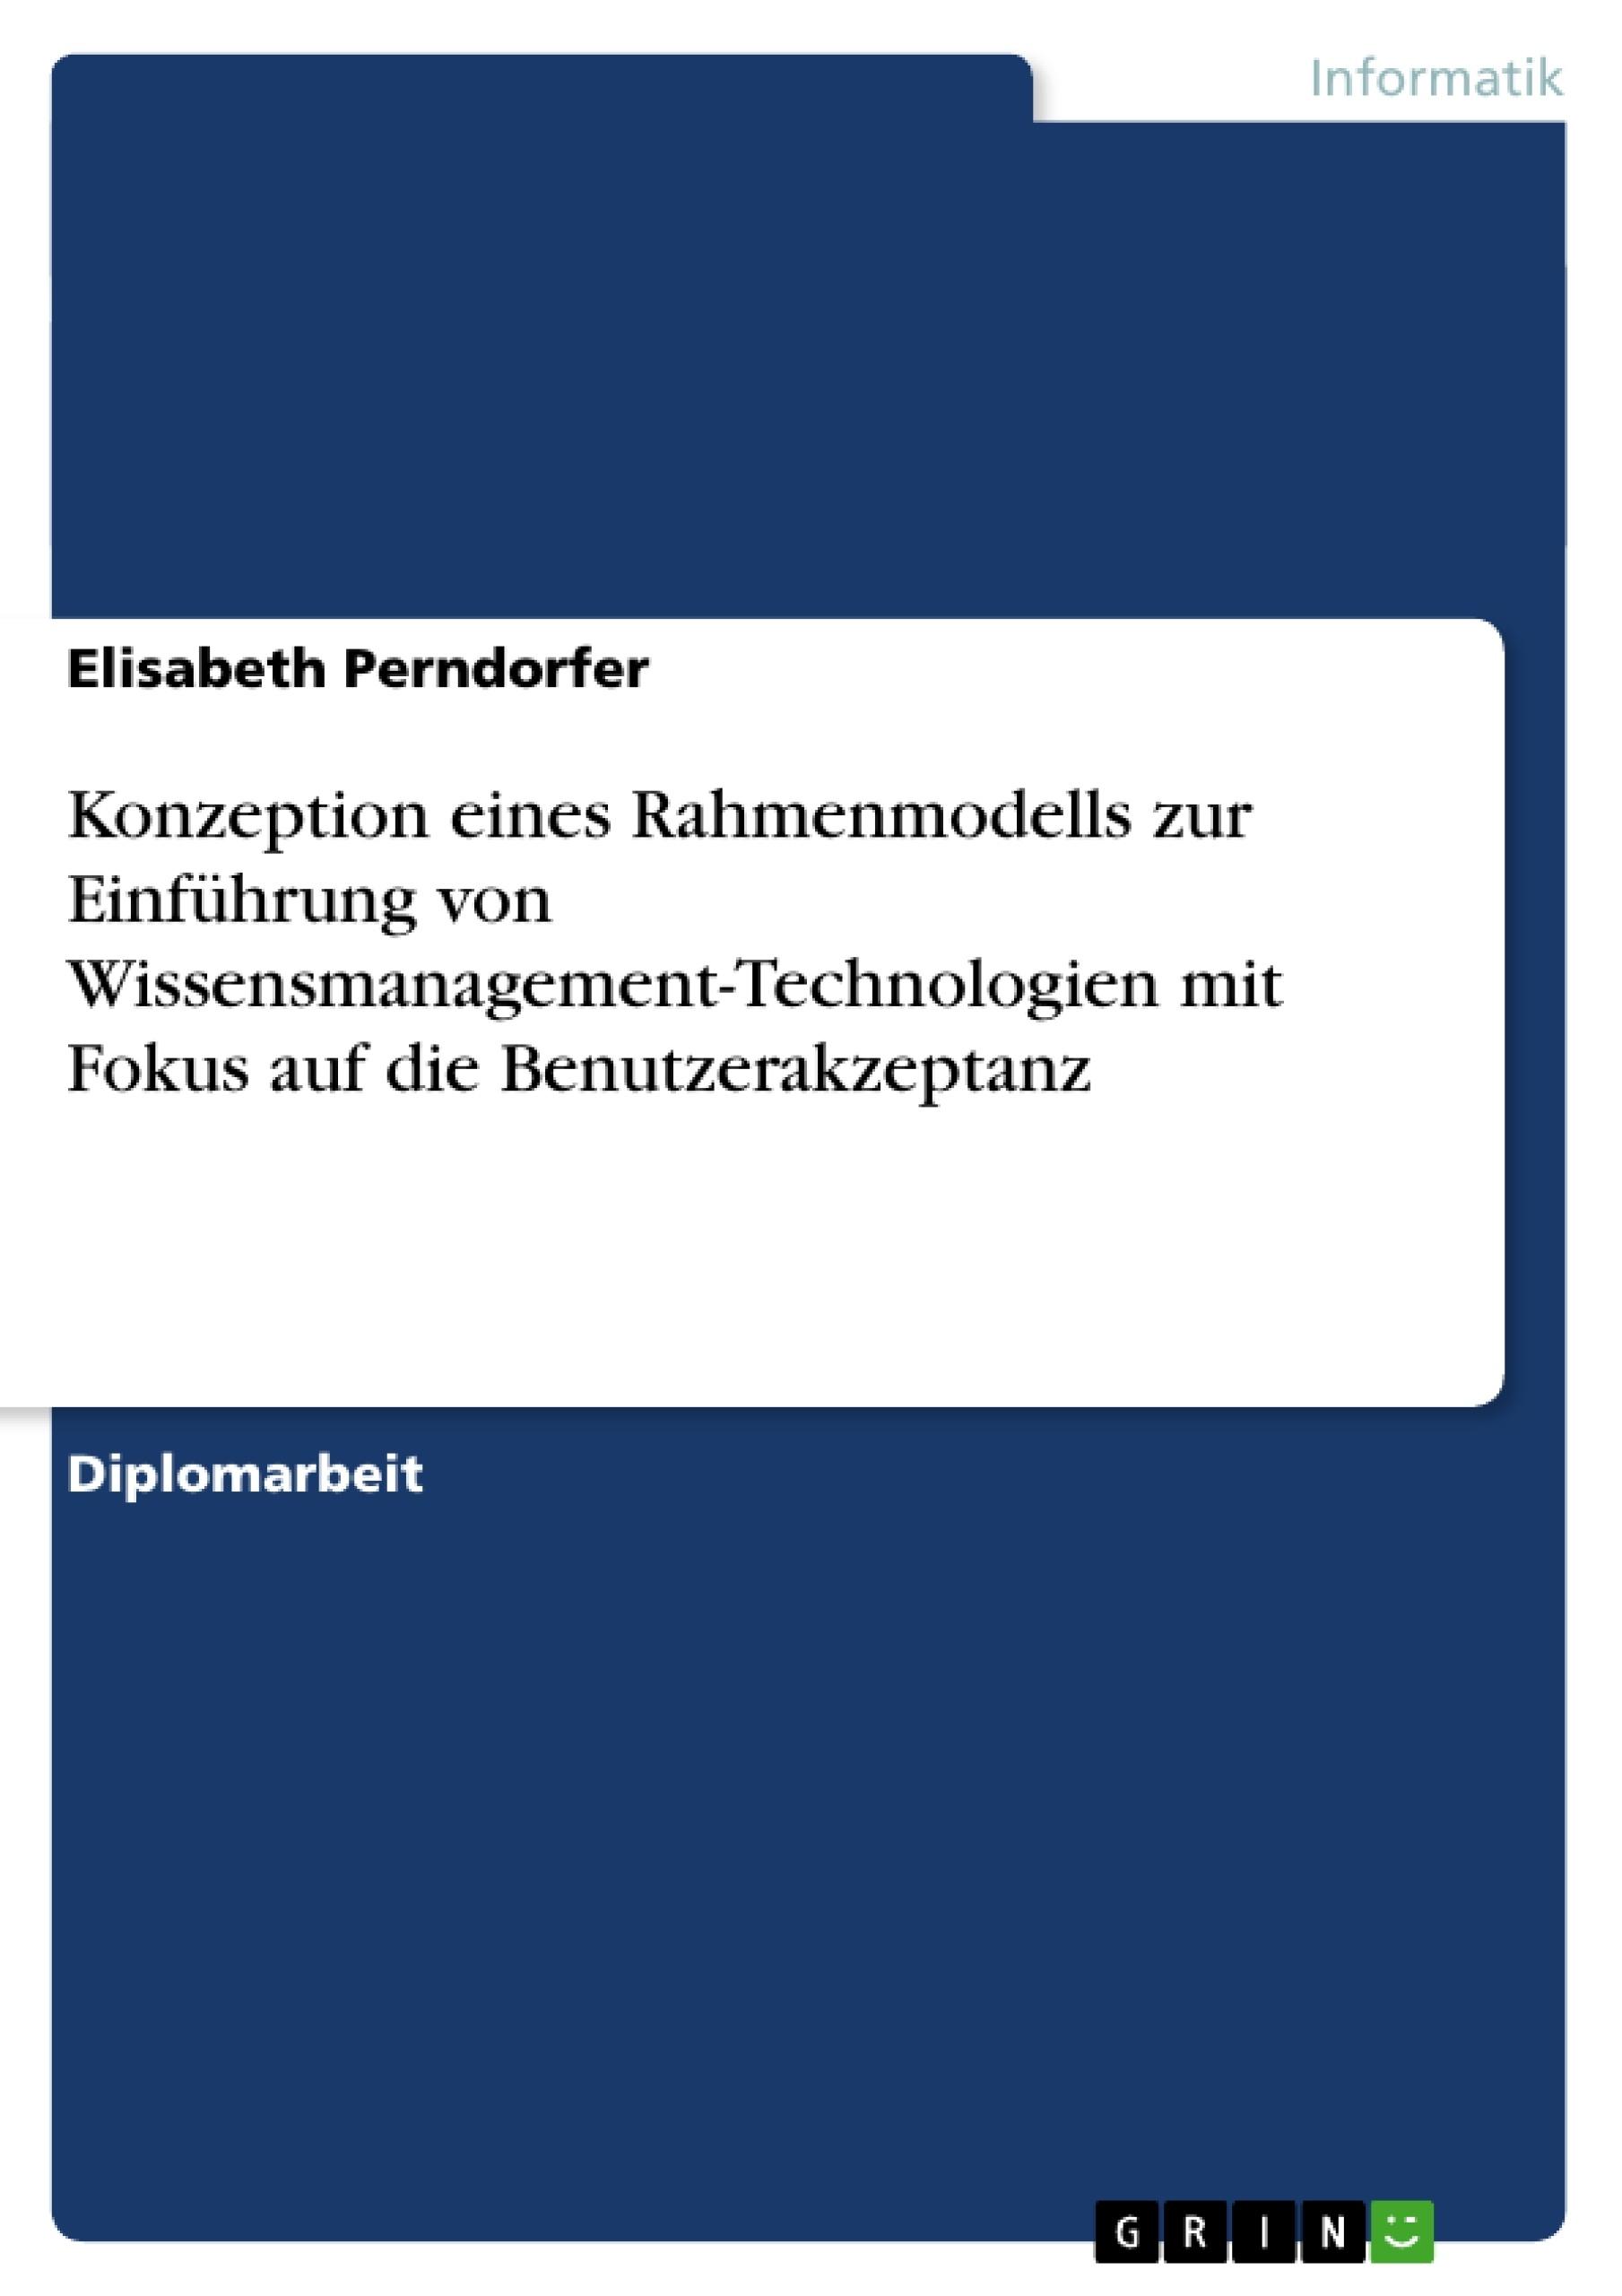 Titel: Konzeption eines Rahmenmodells zur Einführung von Wissensmanagement-Technologien mit Fokus auf die Benutzerakzeptanz